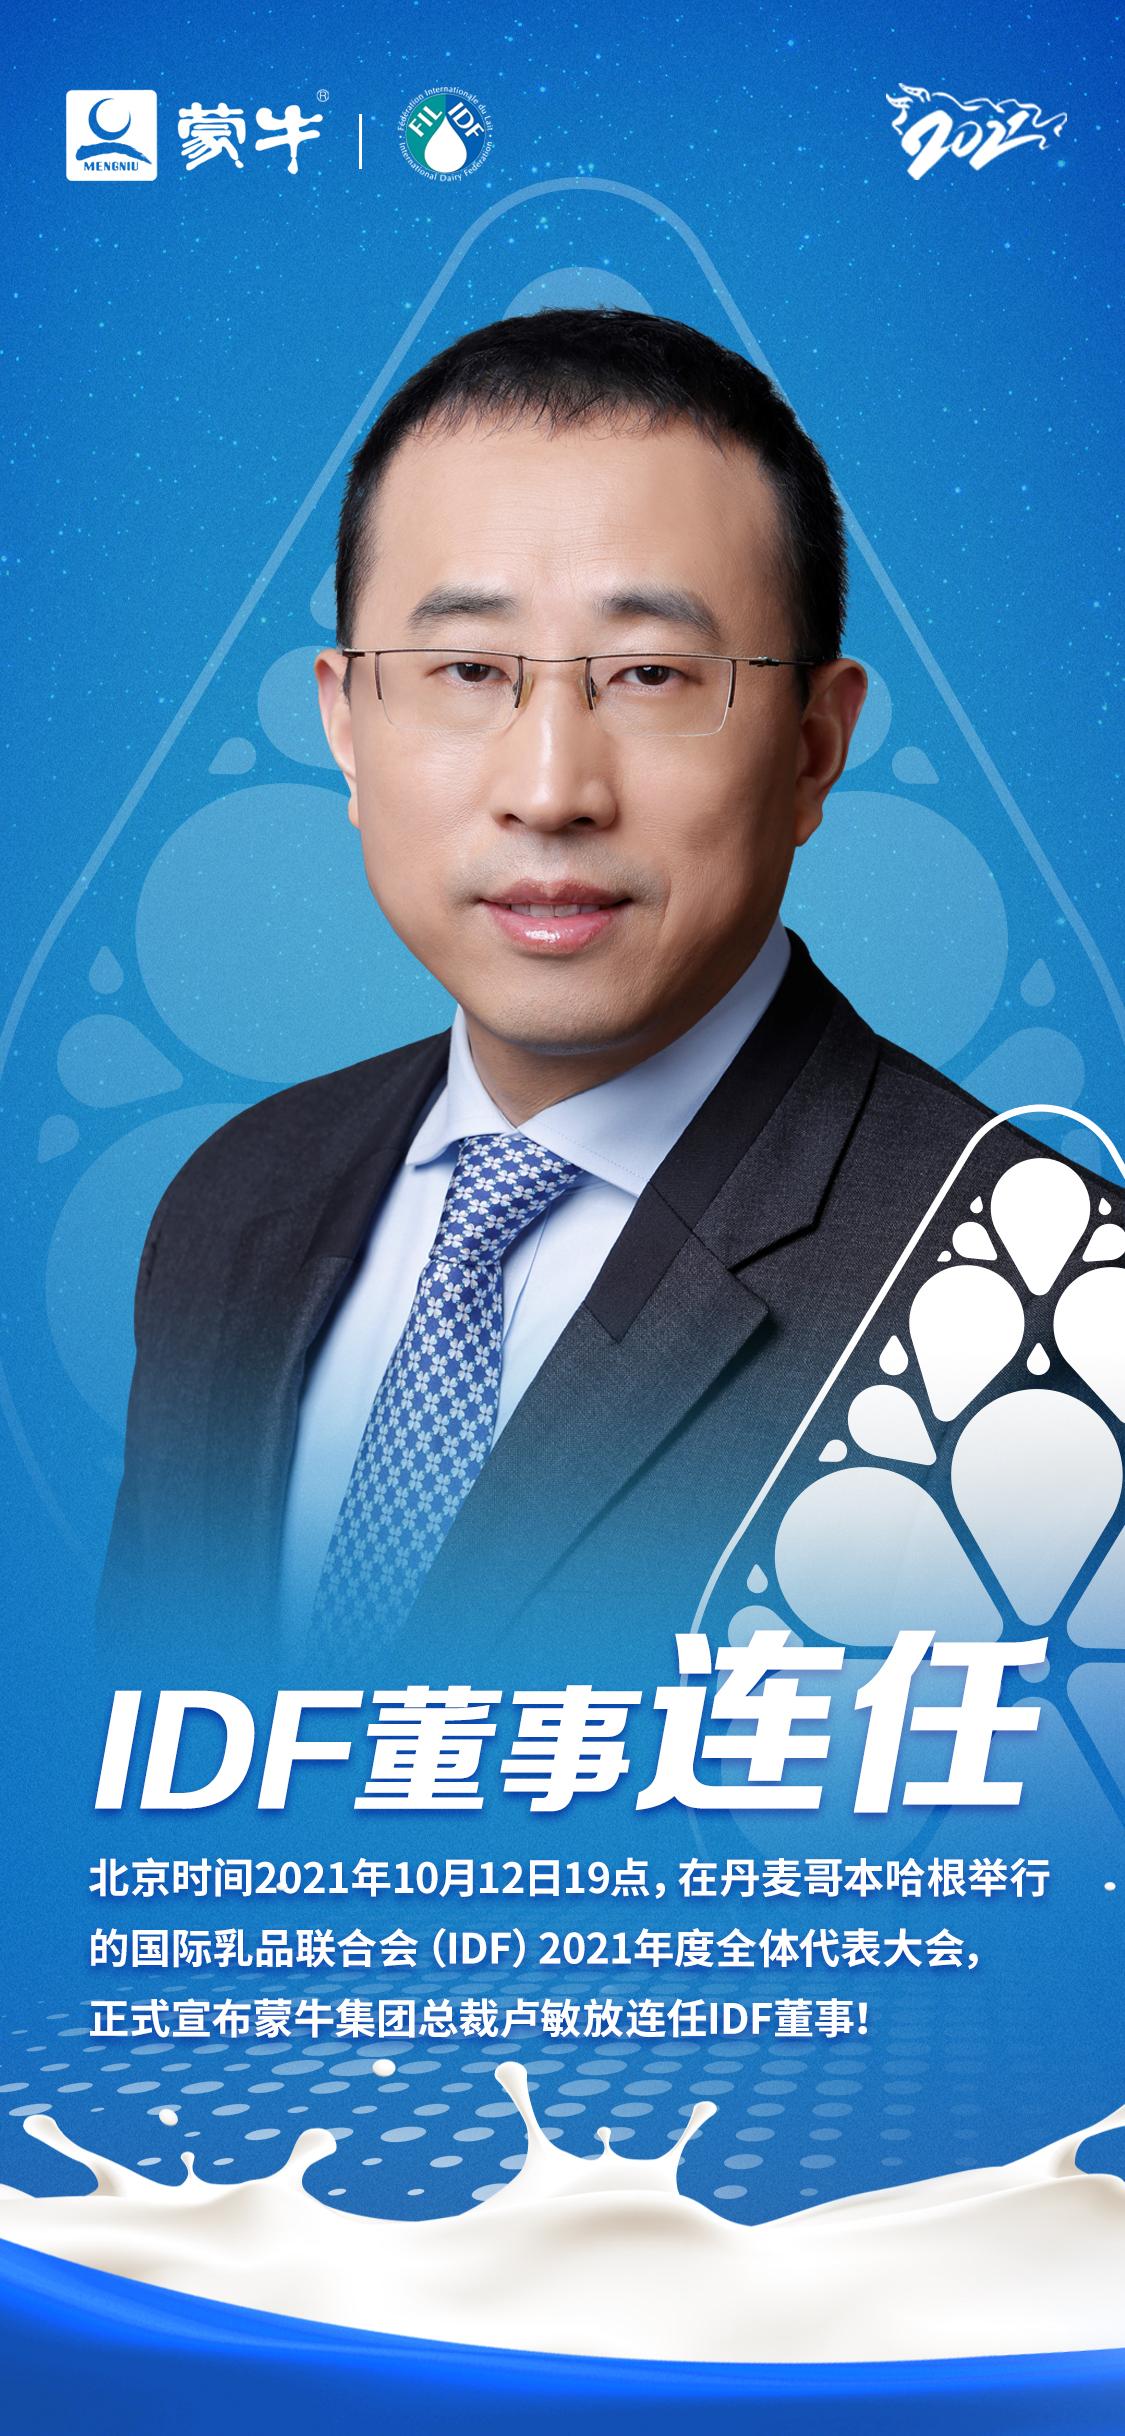 """""""蒙牛总裁卢敏放连任国际乳品联合会董事"""